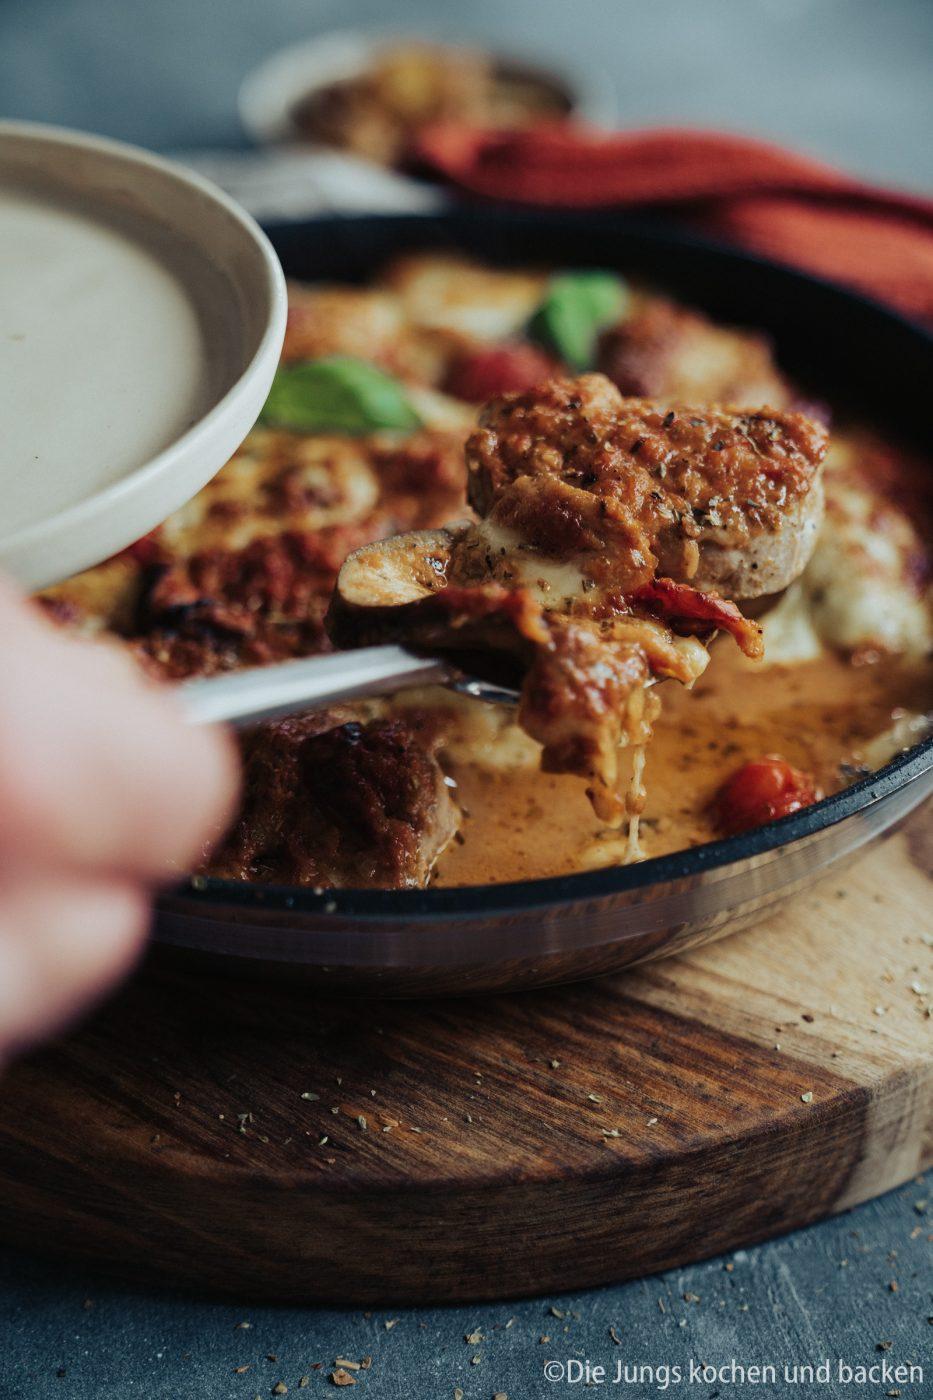 Tefal Schweinefilet italienisch 20 | Wir hatten schon ewig nichts Überbackenes mehr für euch hier und auch bei uns auf dem Tisch. Zu einem gemütlichen Spielenachmittag mit Freunden hatten wir aber richtig Lust auf ein leckeres Gericht, das mit Käse überbacken wird. Es sollte praktisch sein, gut vorzubereiten und nicht so ganz aufwändig. All das sind unsere überbackenen Schweinemedaillons mit Aubergine. Ein guter Grund dafür - es kommt in eine Pfanne, die Pfanne in den Ofen und dann auch auf den Tisch! Was ist das also für eine neue Pfanne??